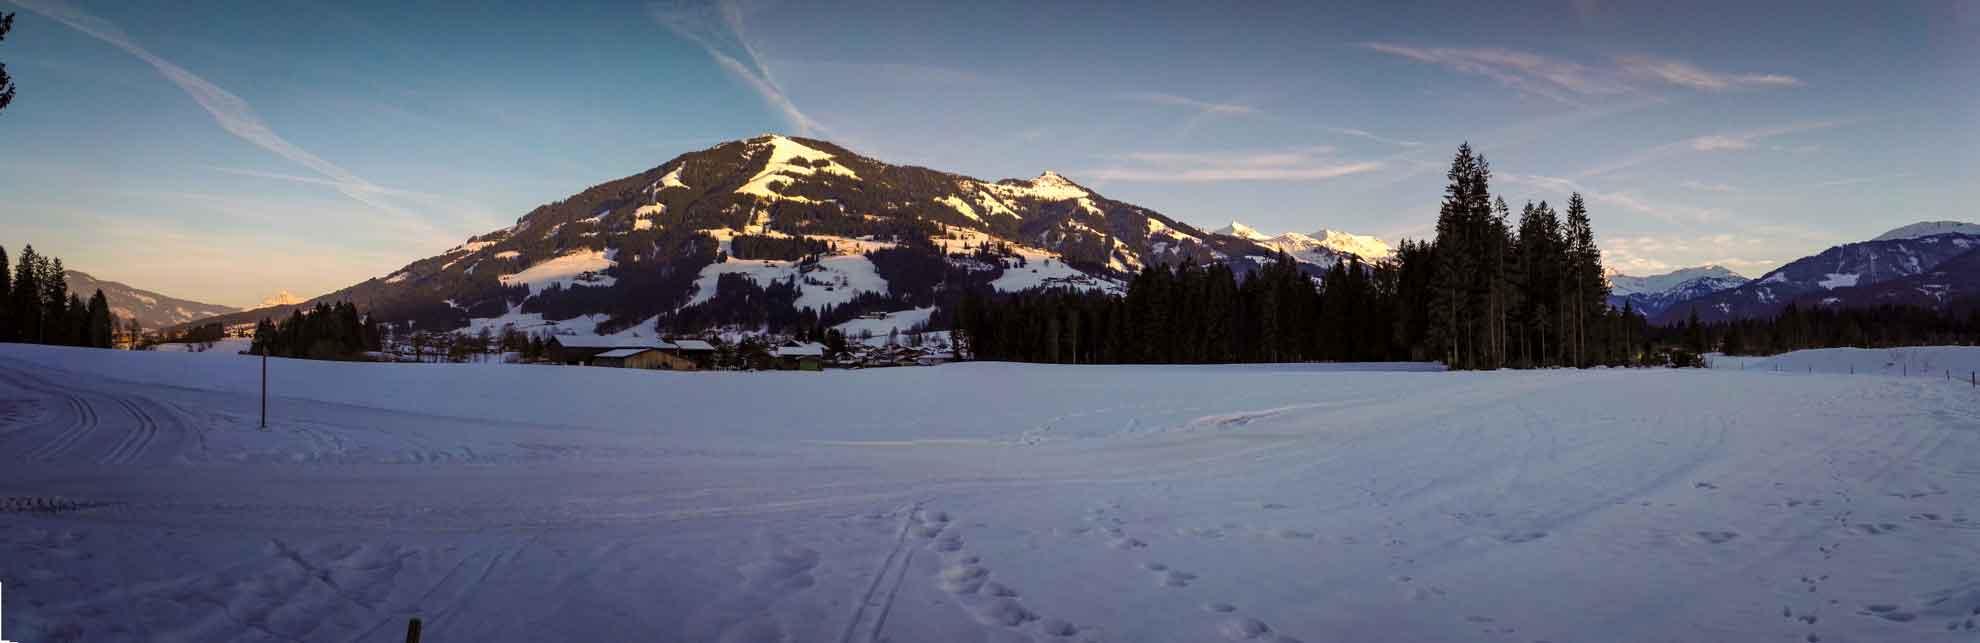 Die Kitzbüheler Alpen in Westendorf im winterlichen Abendlicht